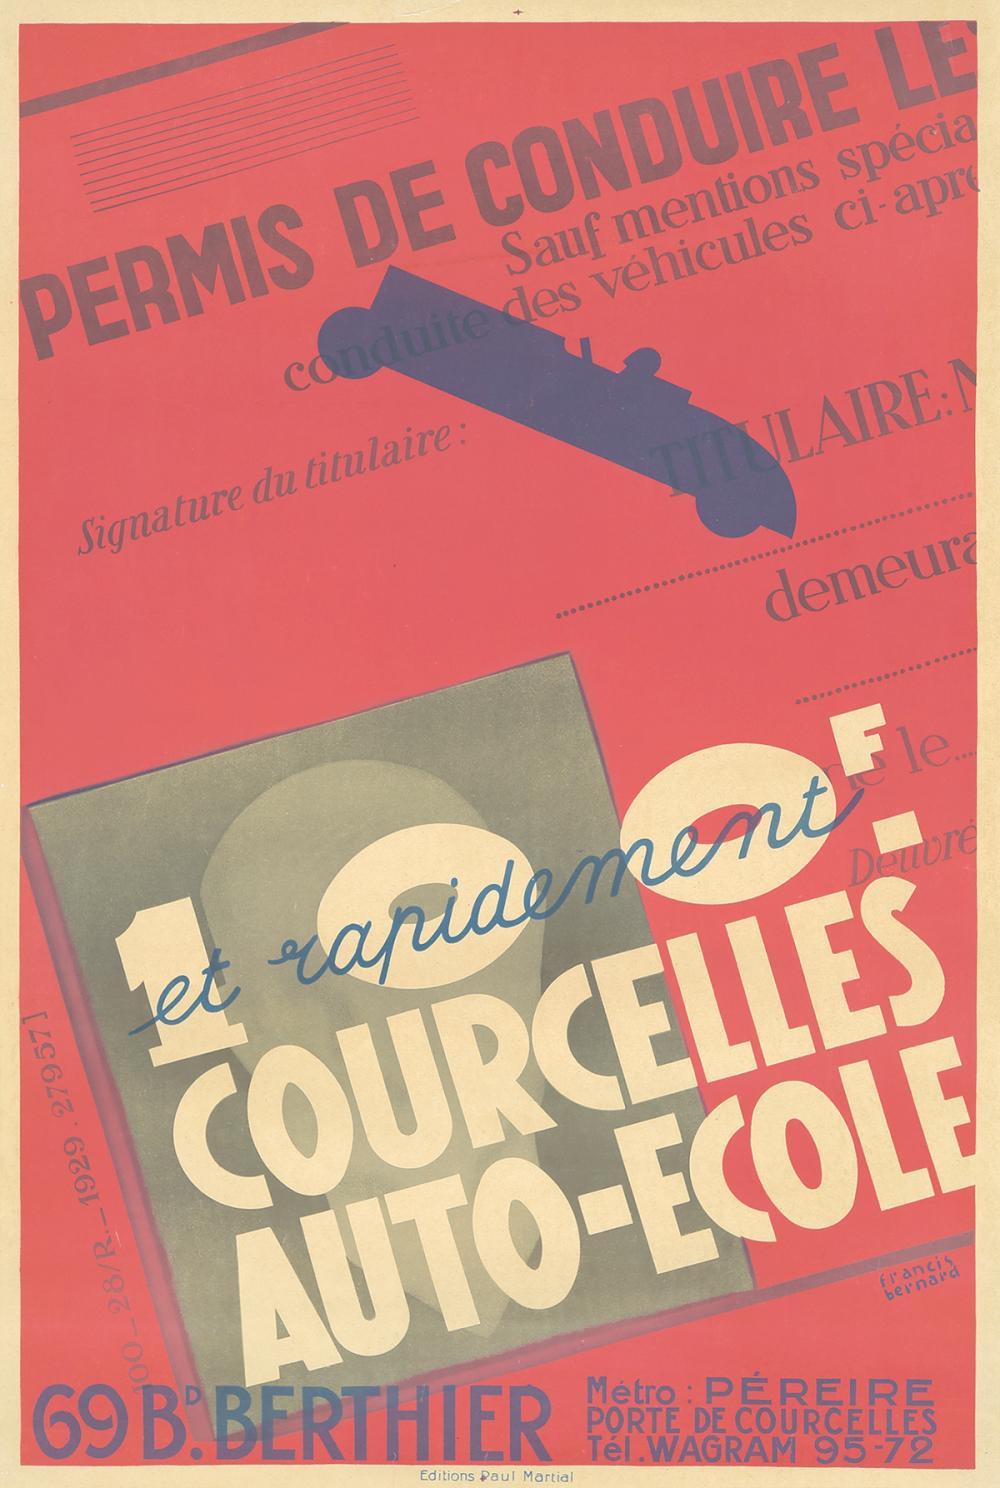 Courcelles Auto-Ecole. 1929.